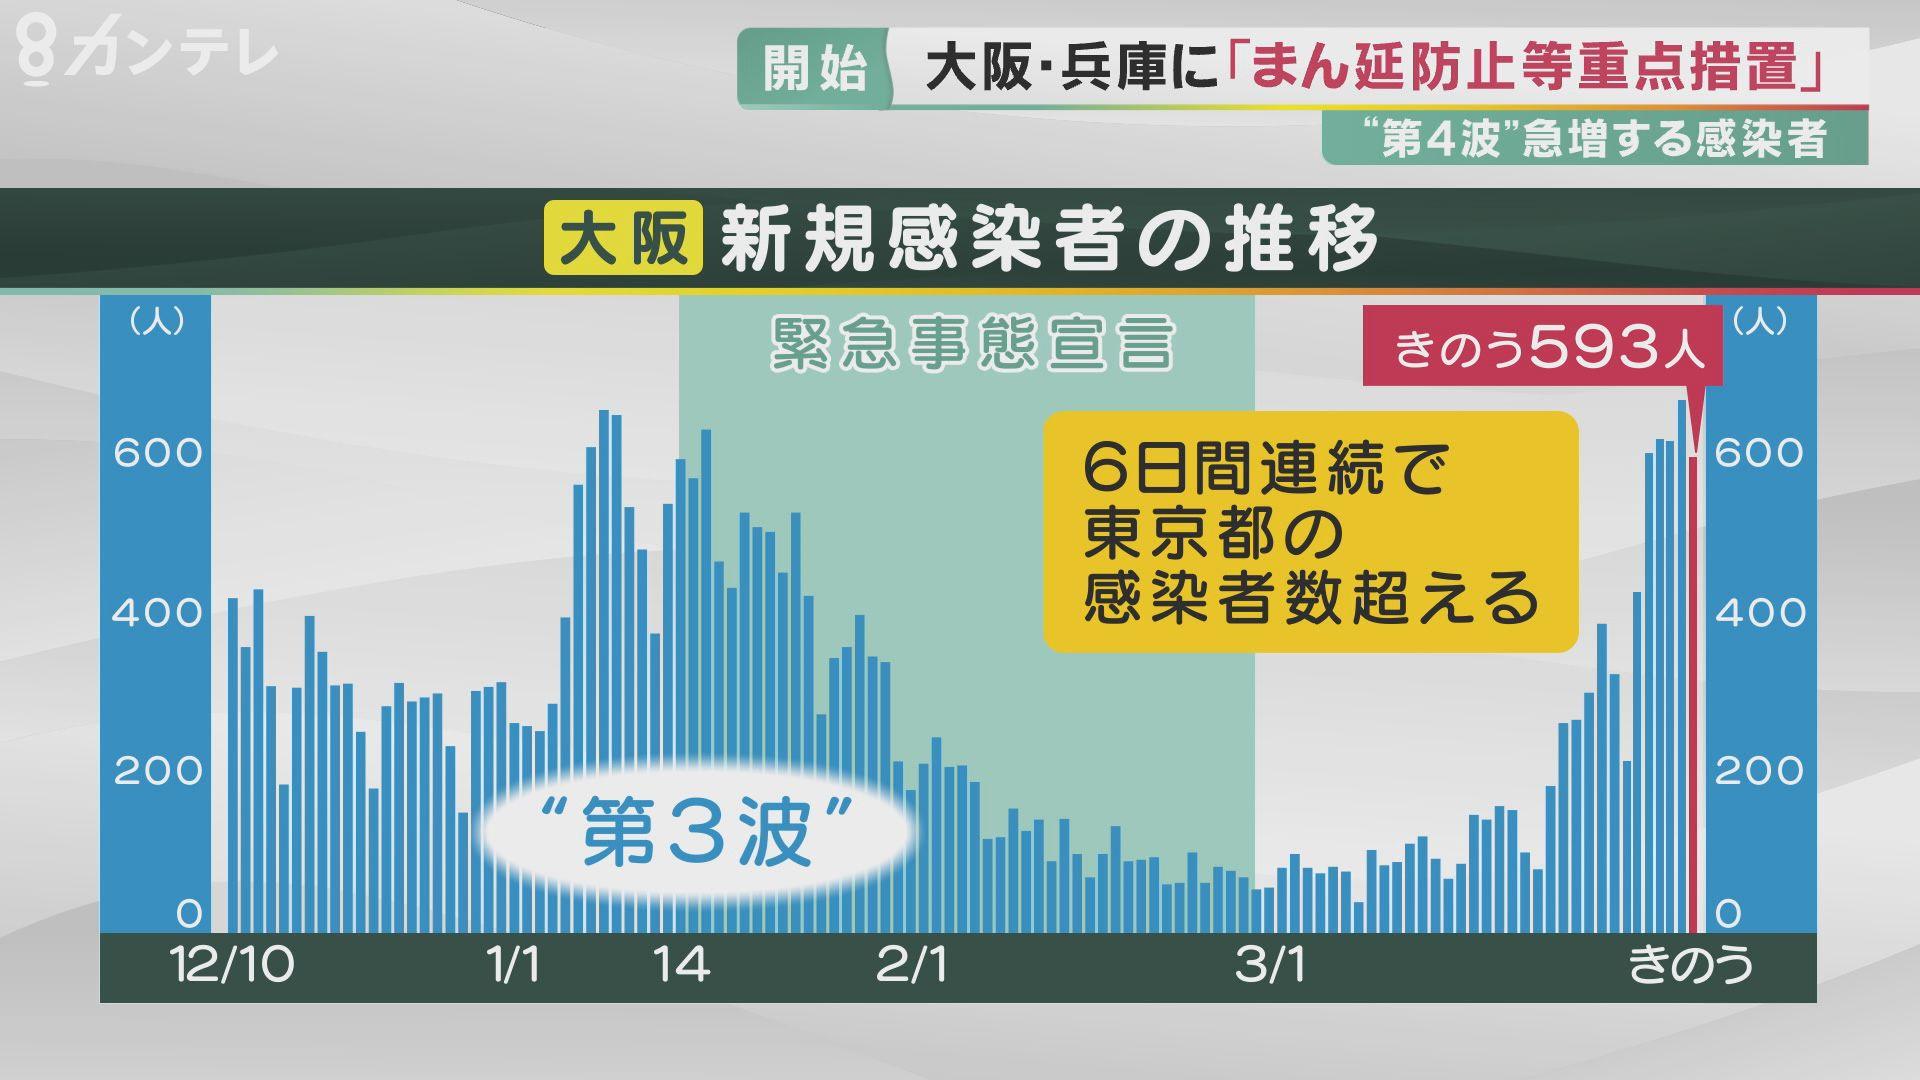 者 大阪 新規 感染 東京新規感染者、239人 大阪141人―新型コロナ